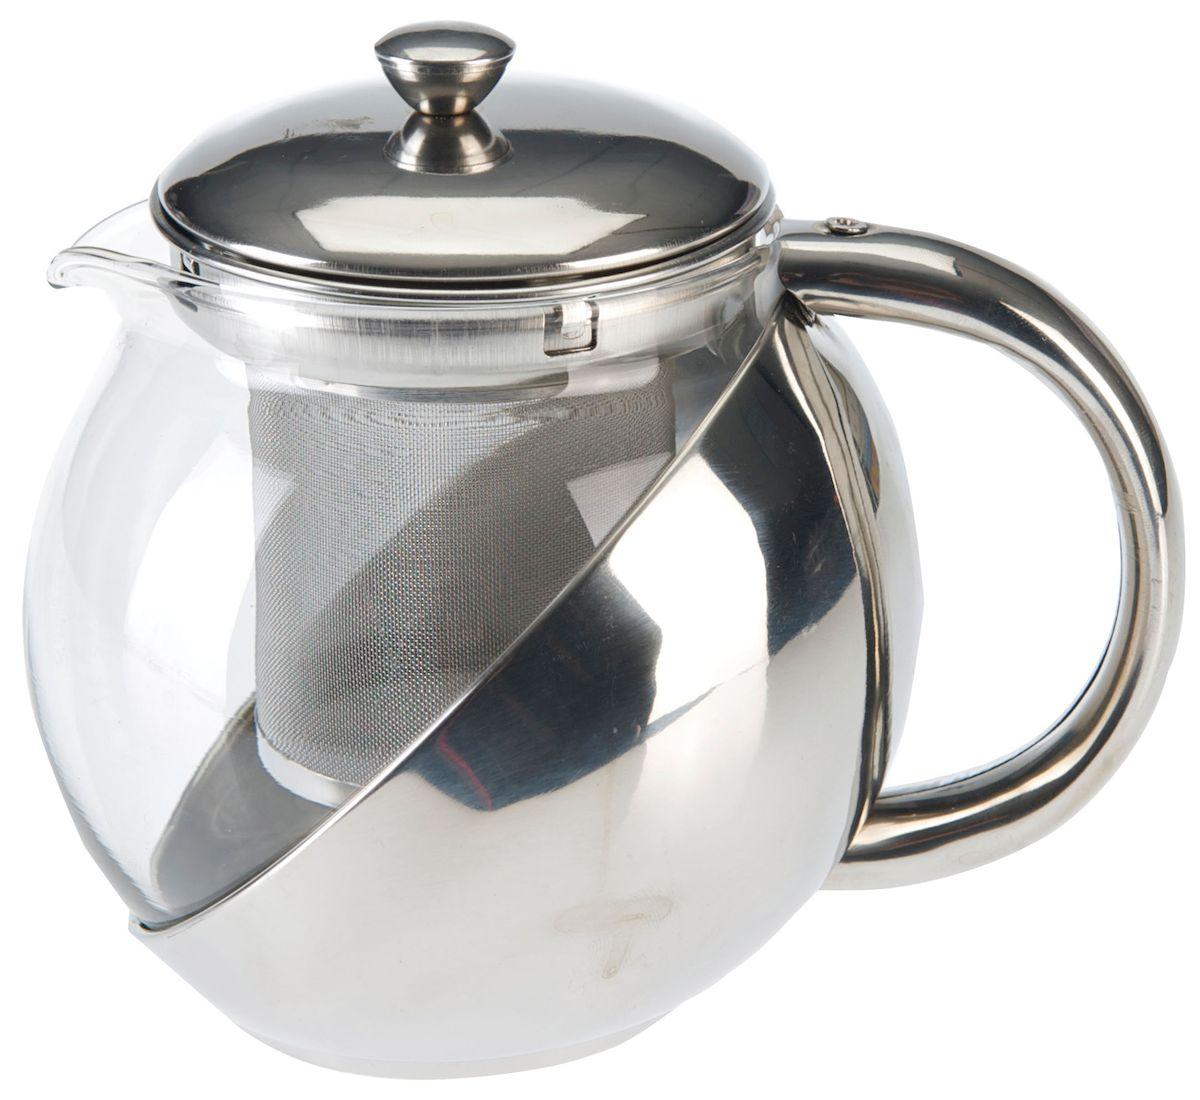 Чайник заварочный Axentia, с фильтром, 1,2 л115610Заварочный чайник Axentia, изготовленный из термостойкого стекла,предоставит вам все необходимые возможности для успешного заваривания чая.Чай в таком чайнике дольше остается горячим, а полезные и ароматическиевещества полностью сохраняются в напитке. Чайник оснащен фильтром, выполненном из нержавеющей стали. Простой и удобный чайник поможет вам приготовить крепкий, ароматный чай.Нельзя мыть в посудомоечной машине. Не использовать в микроволновой печи.Диаметр чайника (по верхнему краю): 13 см.Высота чайника (без учета крышки): 15,5 см.